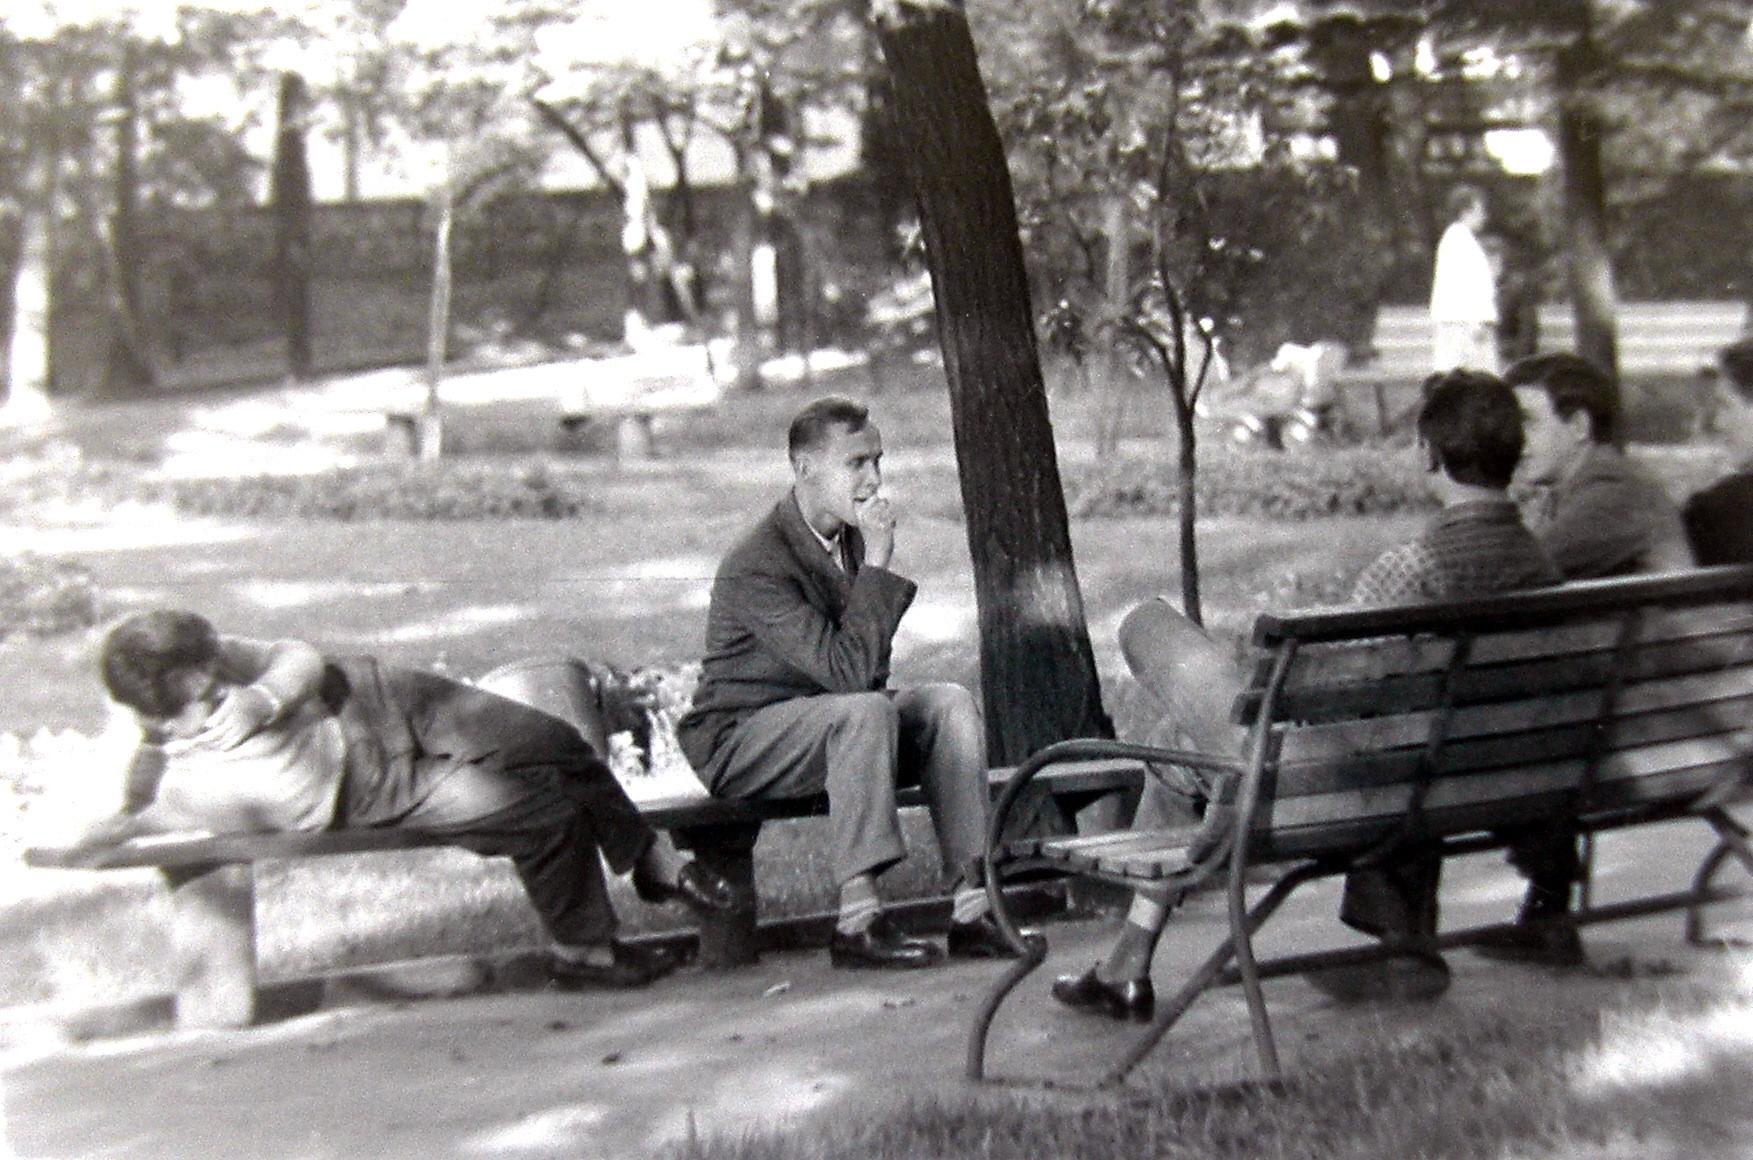 Mieszkańcy odpoczywający w zaciszu parku miejskiego.Zdjęcie autorstwa Jana Nosowicza wykonane w latach 60-tych XX wieku.